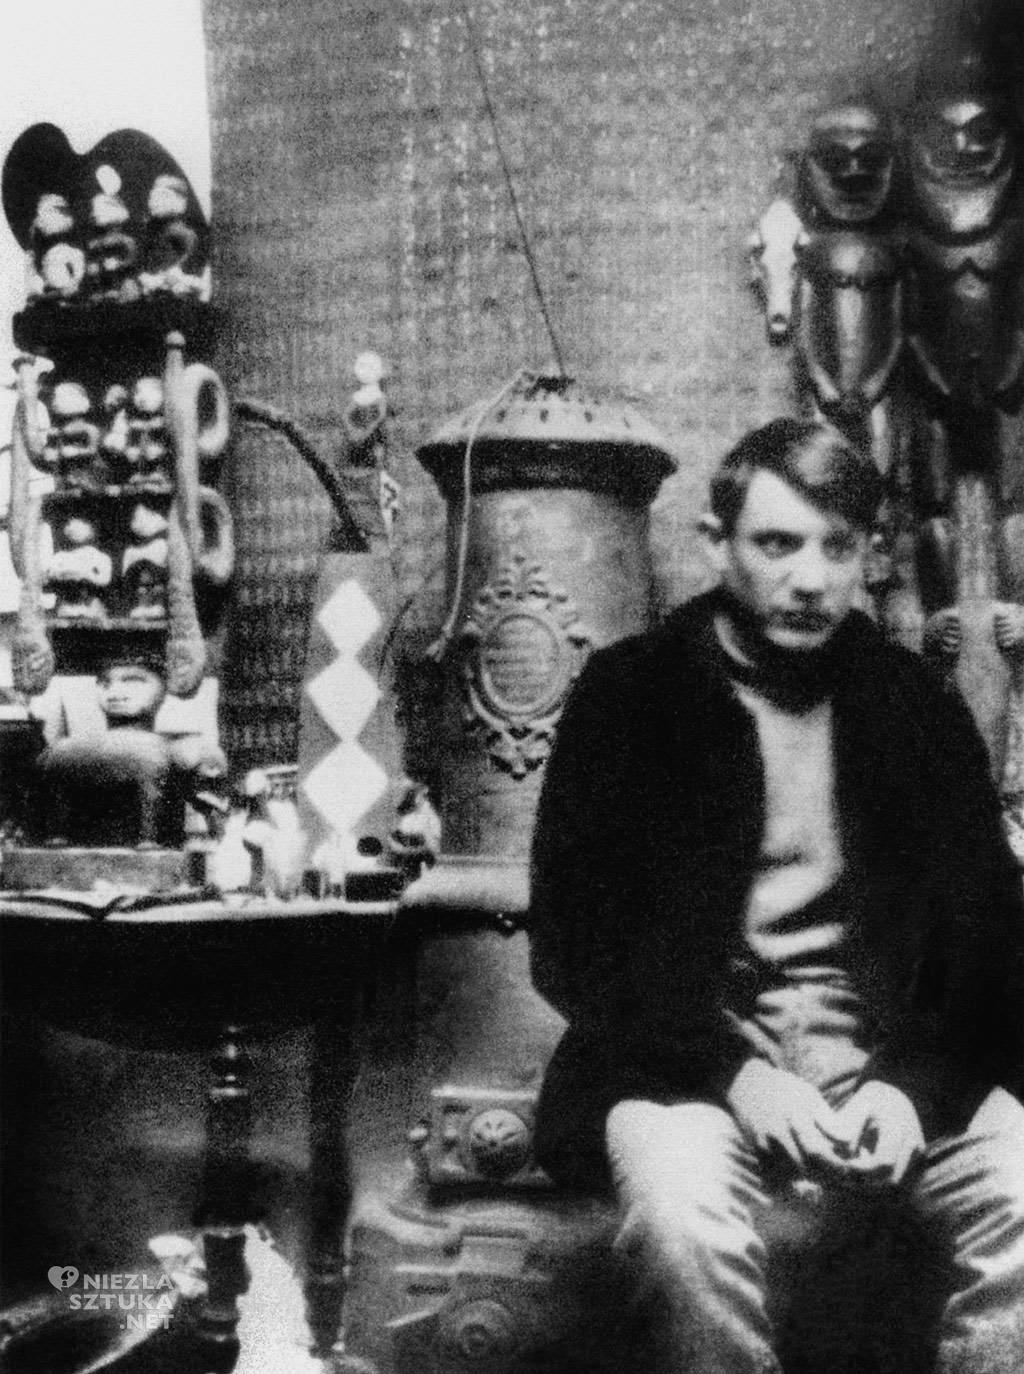 Pablo Picasso w swojej pracowni, kolekcja rzeźb, Niezła sztuka